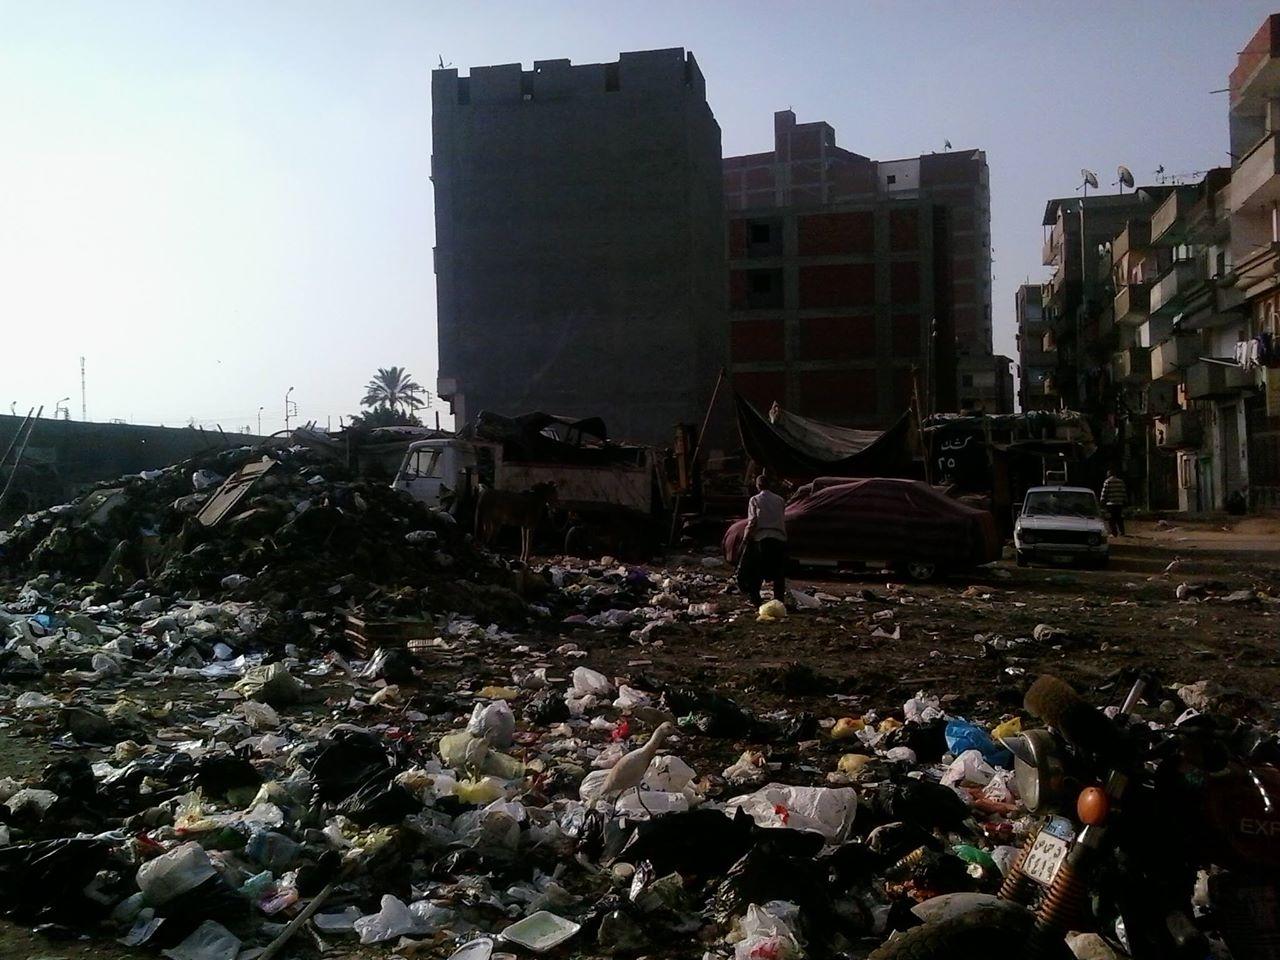 تكدس القمامة بعزبة الشال بالمنصورة